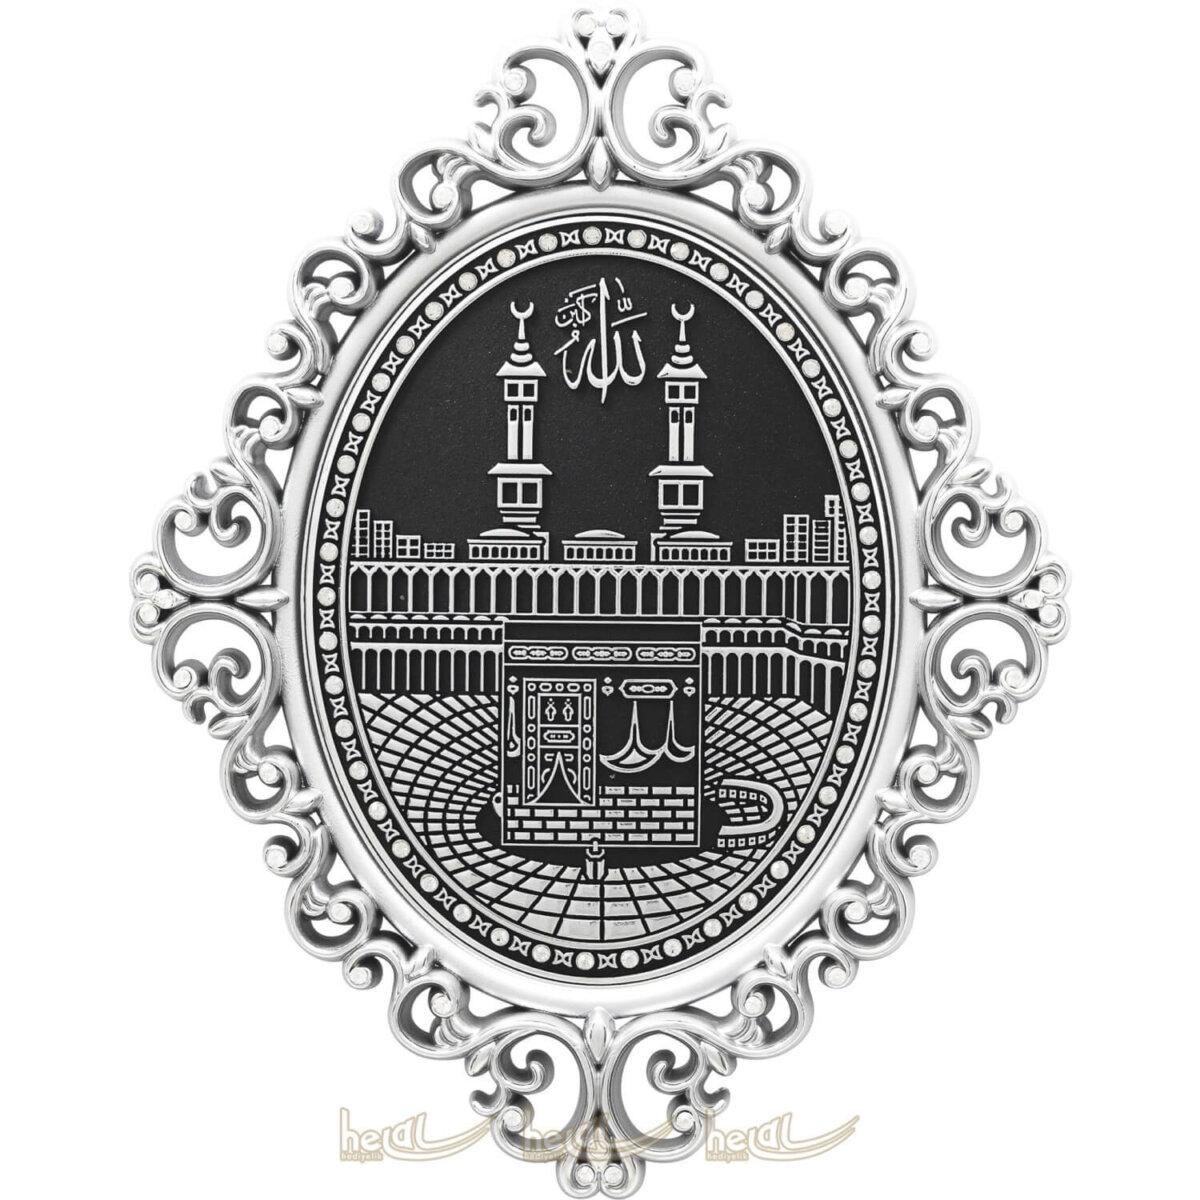 24x31cm Taşlı Kabe-i Şerif Mekke Hac Dini Hediye Osmanlı Motifli Modern Lüks Duvar Panosu Kabe